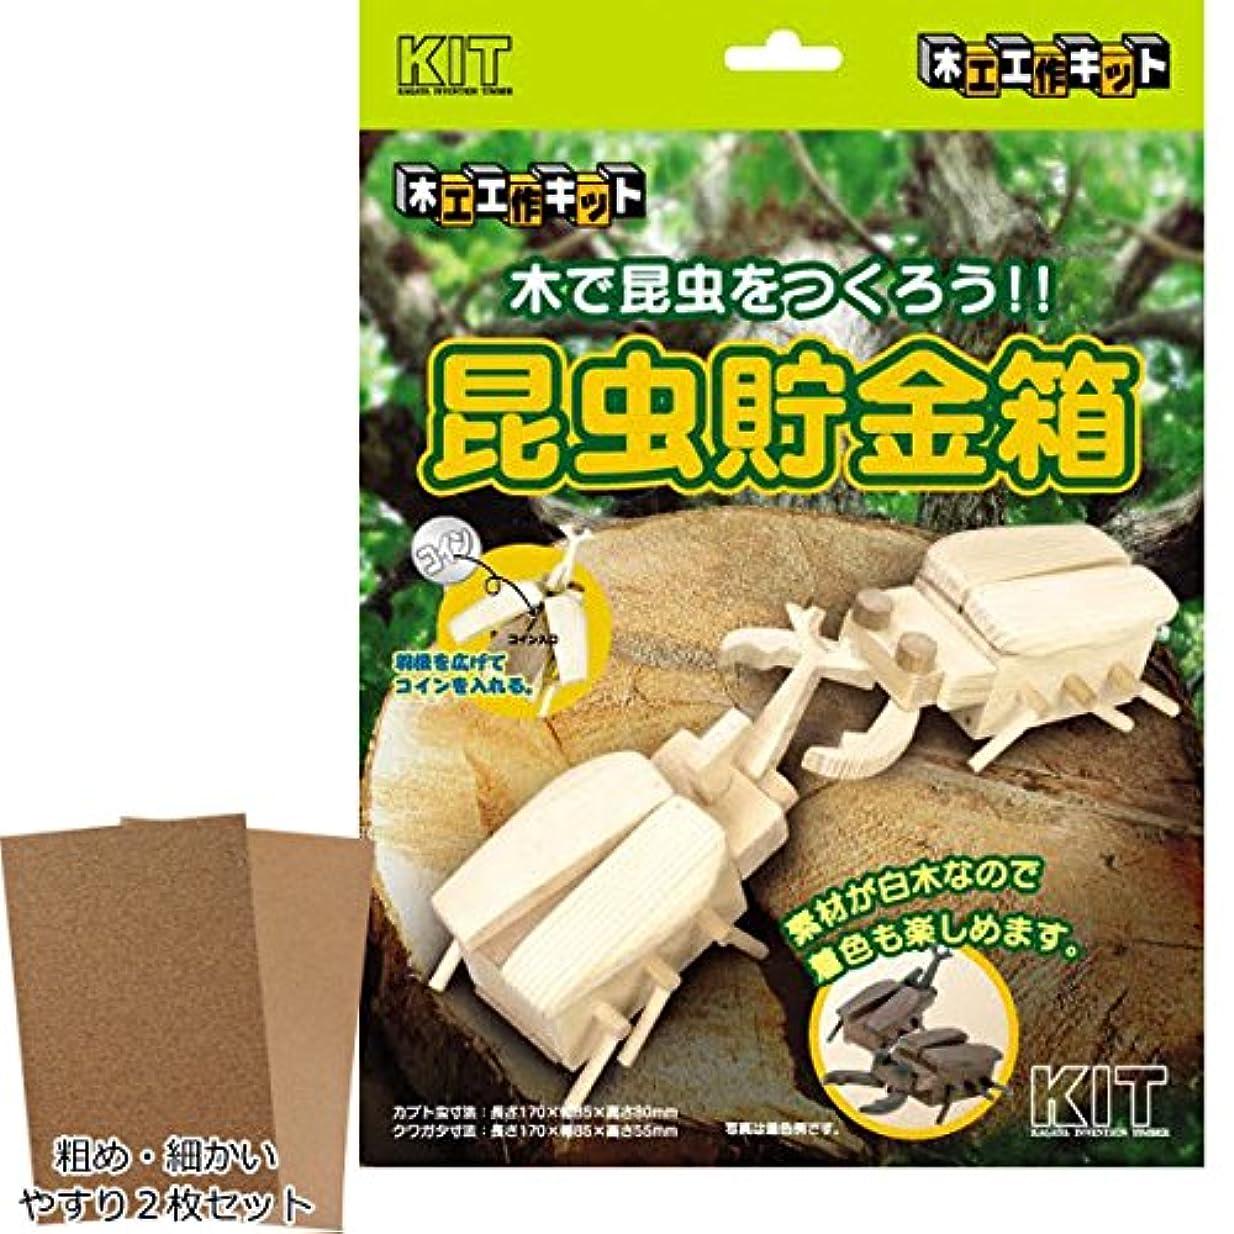 免除する立ち向かう飲食店木製工作キット 昆虫貯金箱 100664 紙やすりセット